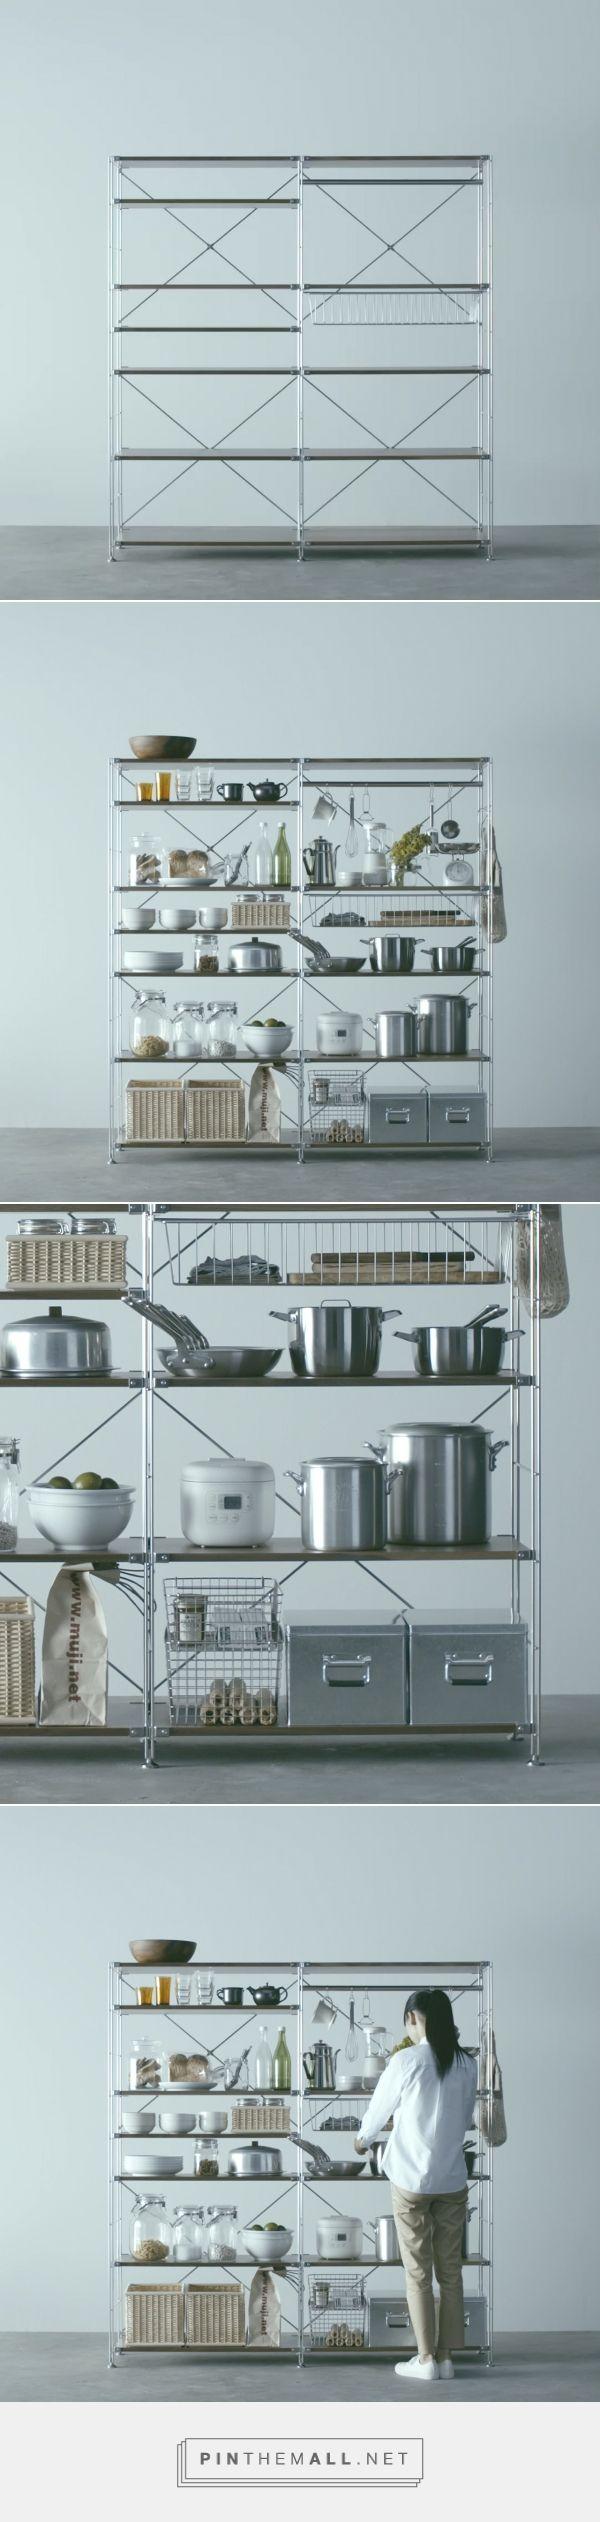 Utilícelas en la cocina - Estanterías de acero | Compact Life | MUJI